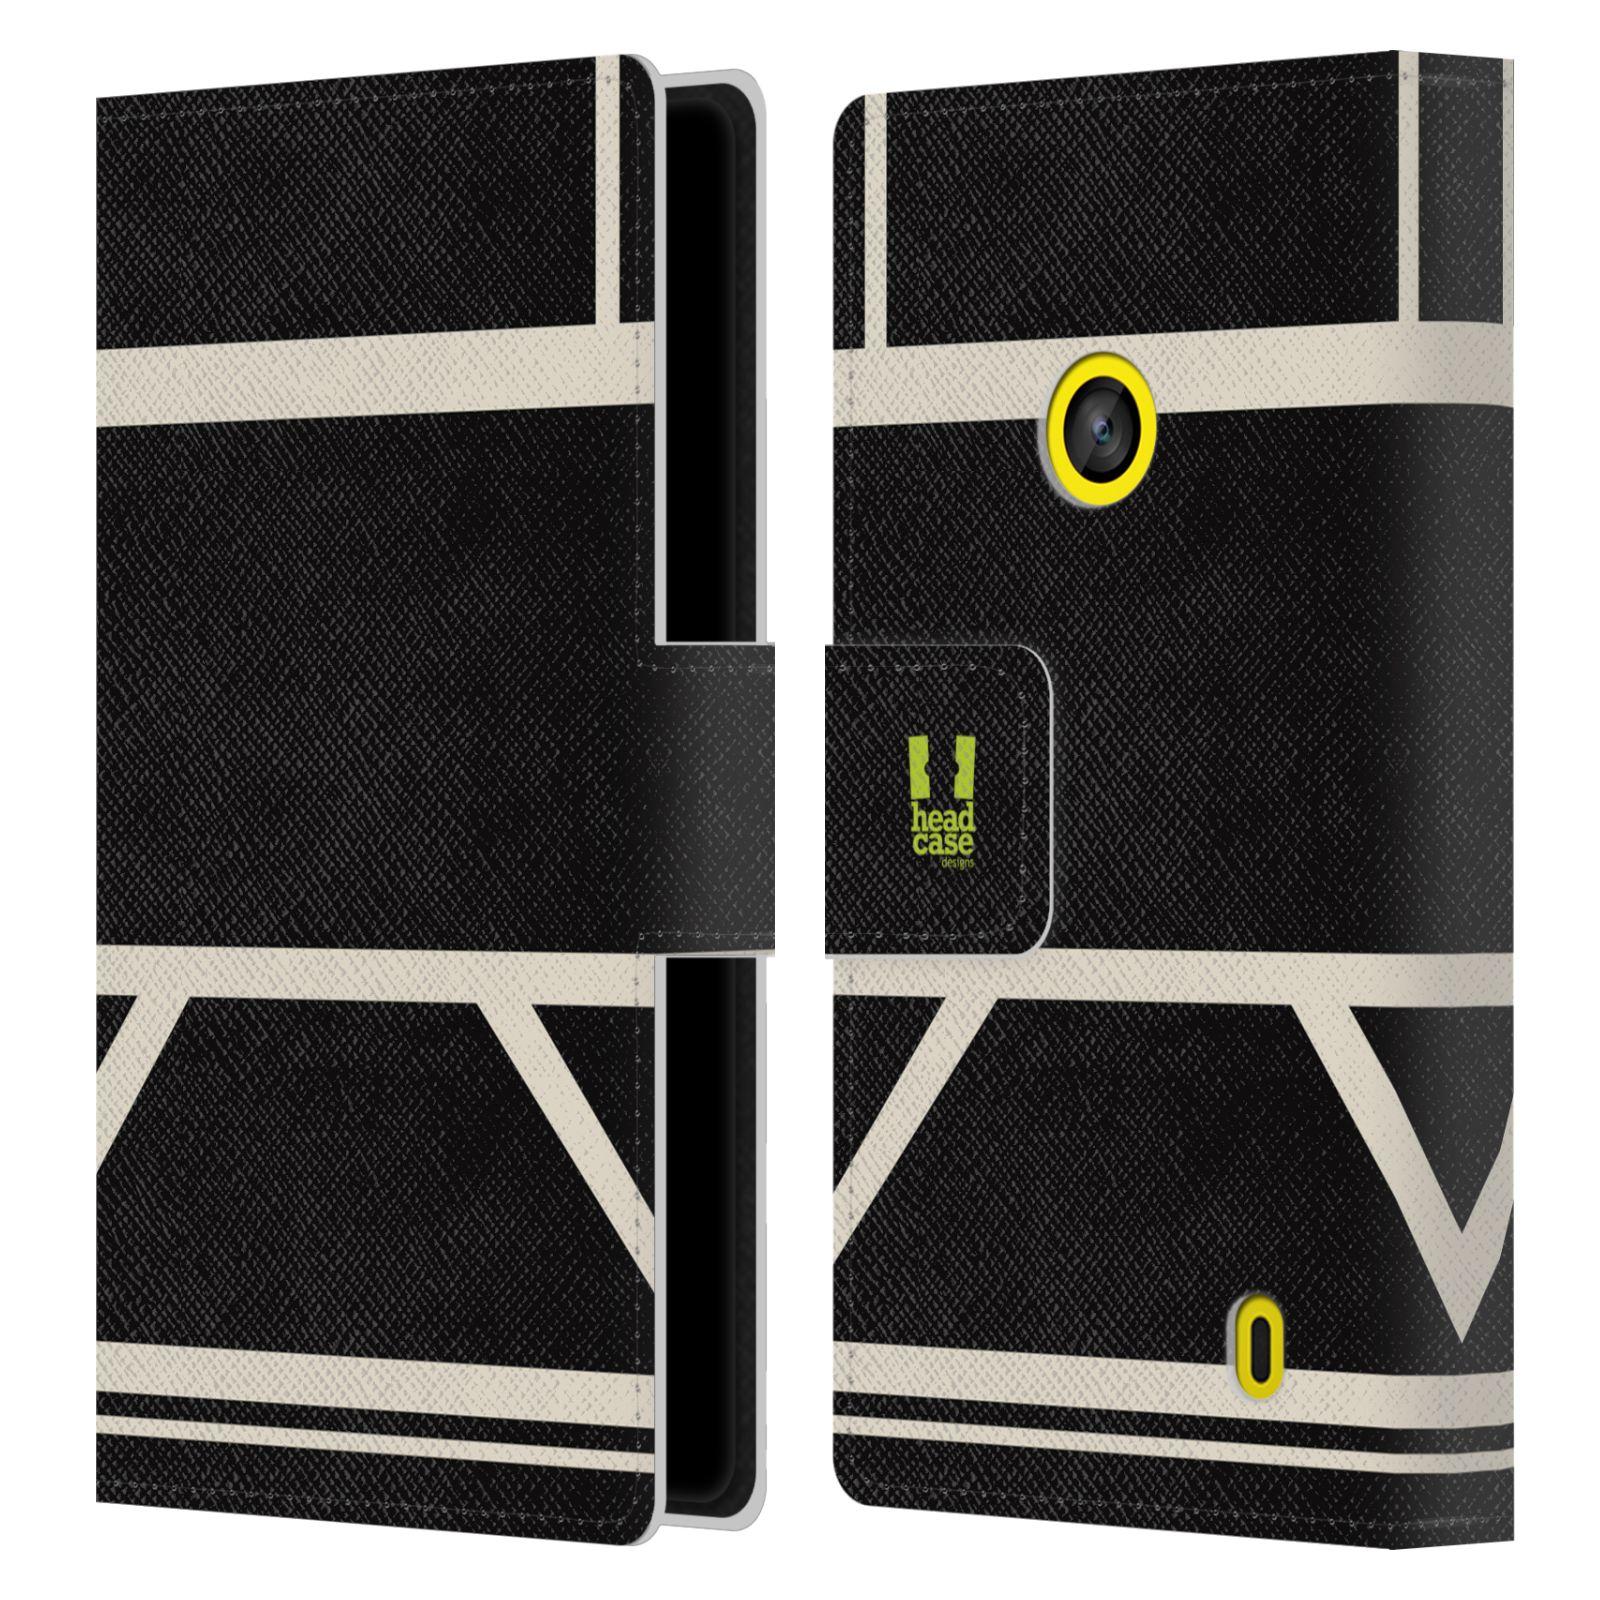 HEAD CASE Flipové pouzdro pro mobil Nokia LUMIA 520/525 barevné tvary černá a bílá proužek